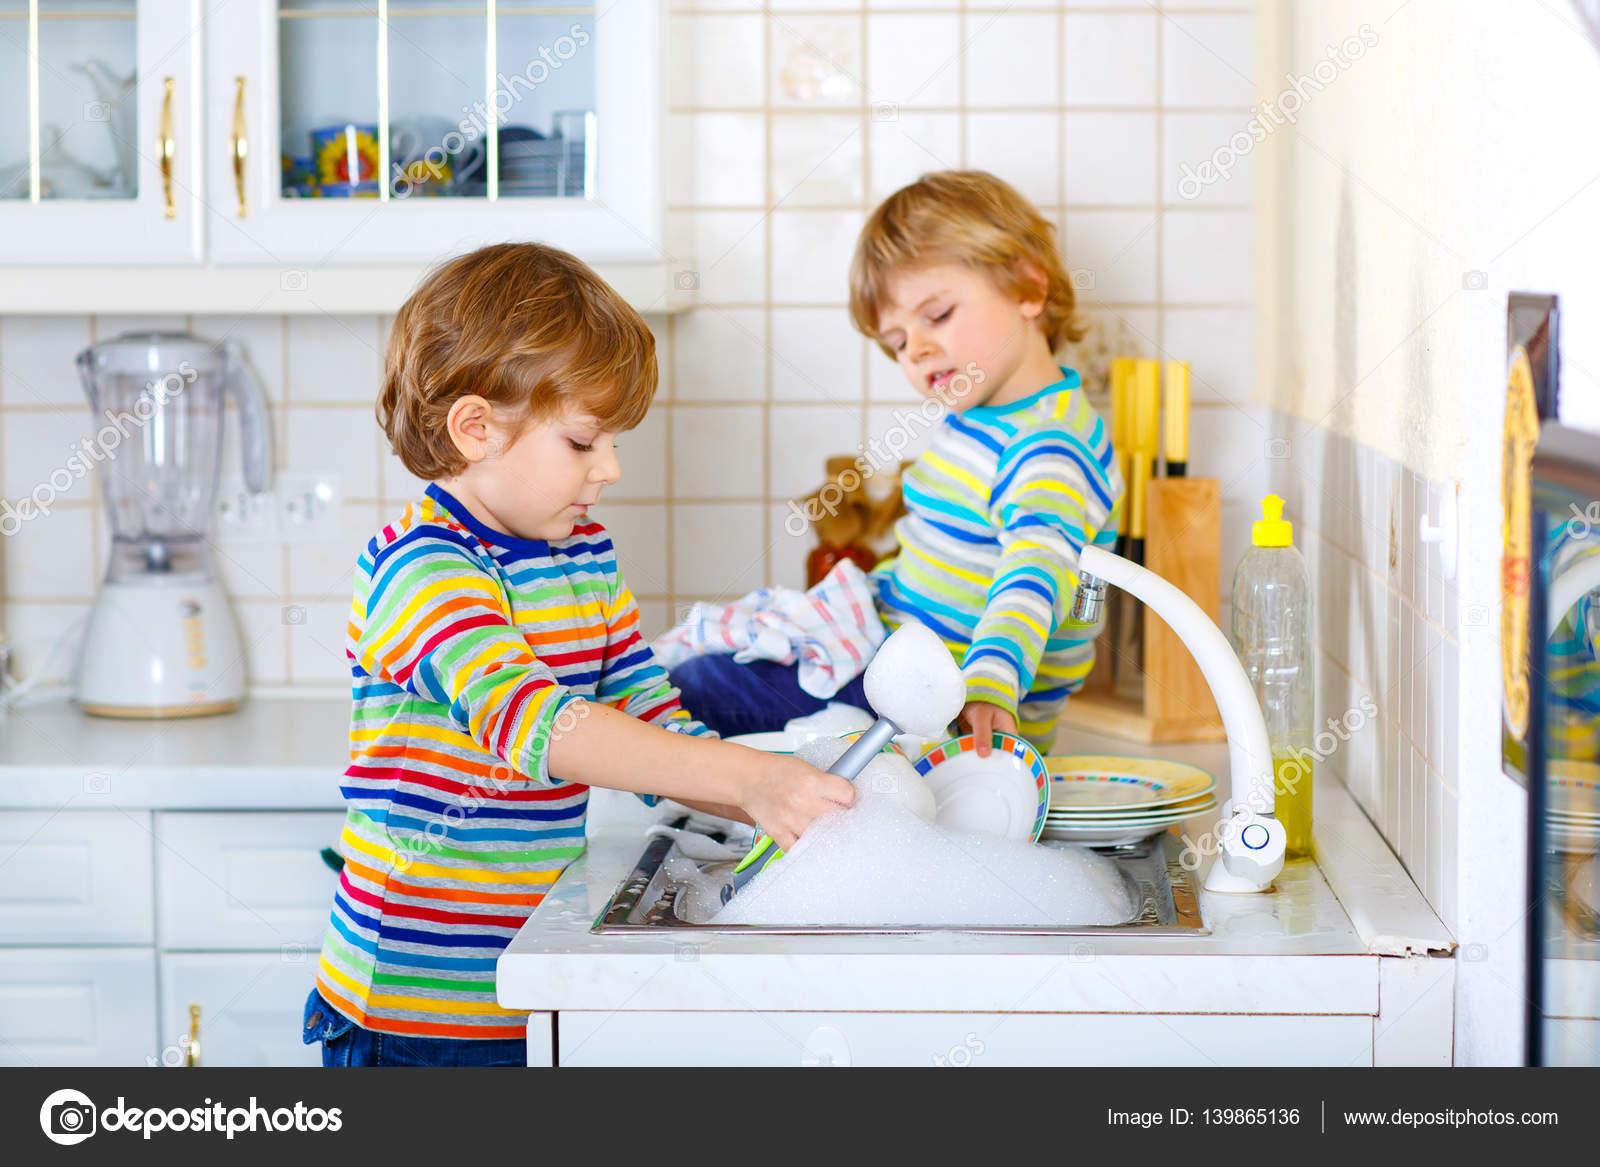 Dos Niños Poco Muchachos Lavando Platos En La Cocina